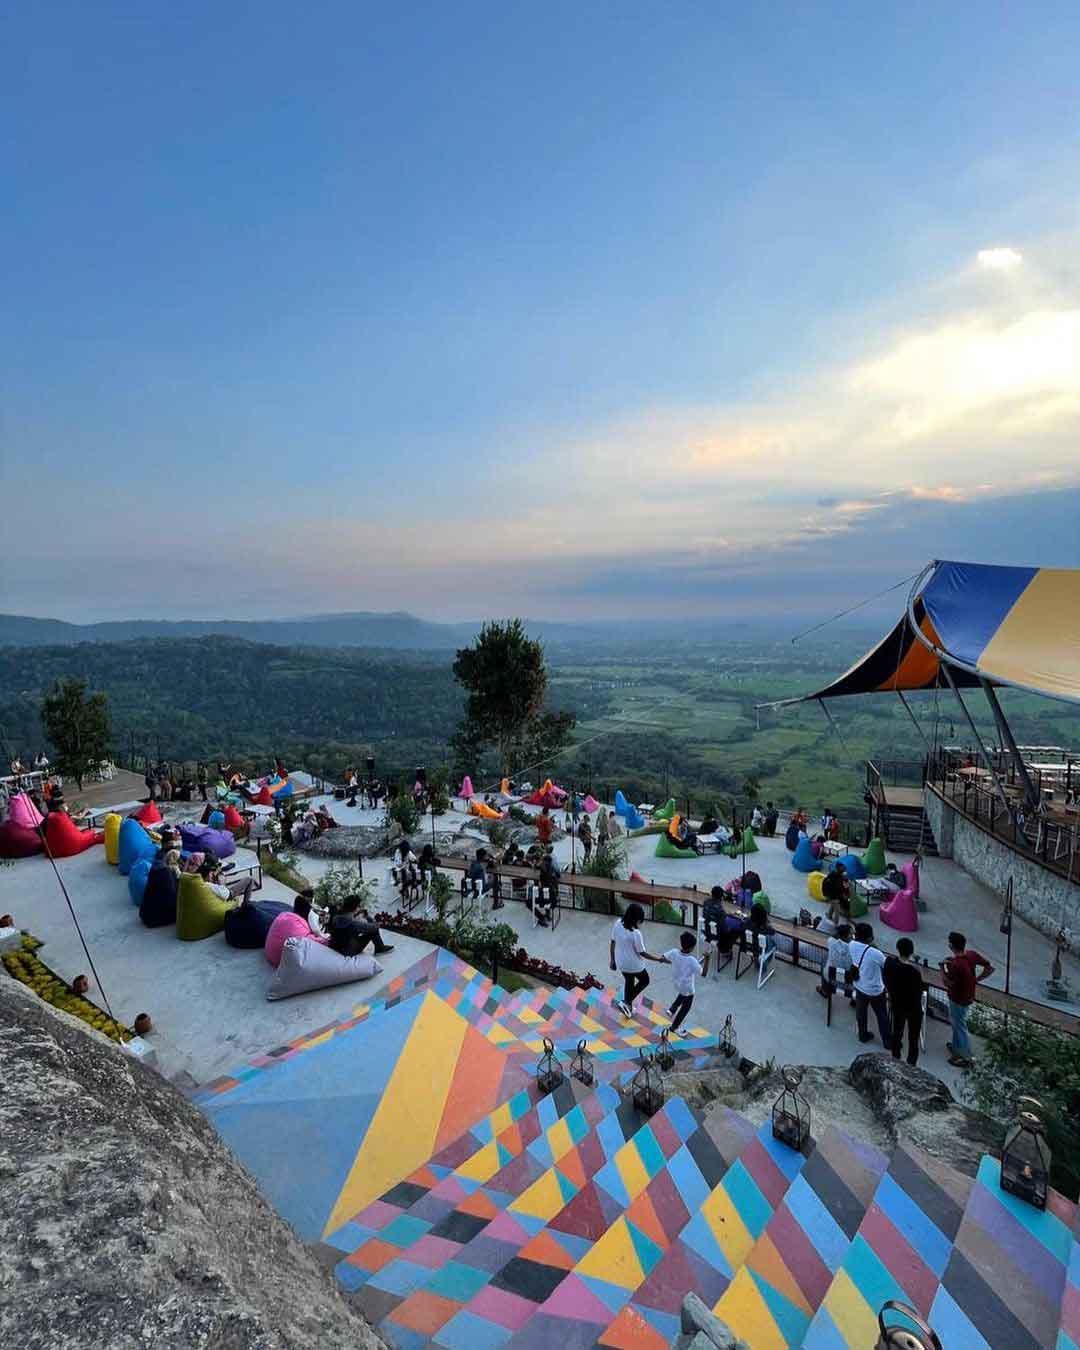 Bean Bag Untuk Bersantai di Obelix Hills Jogja Image From @gamarosi_